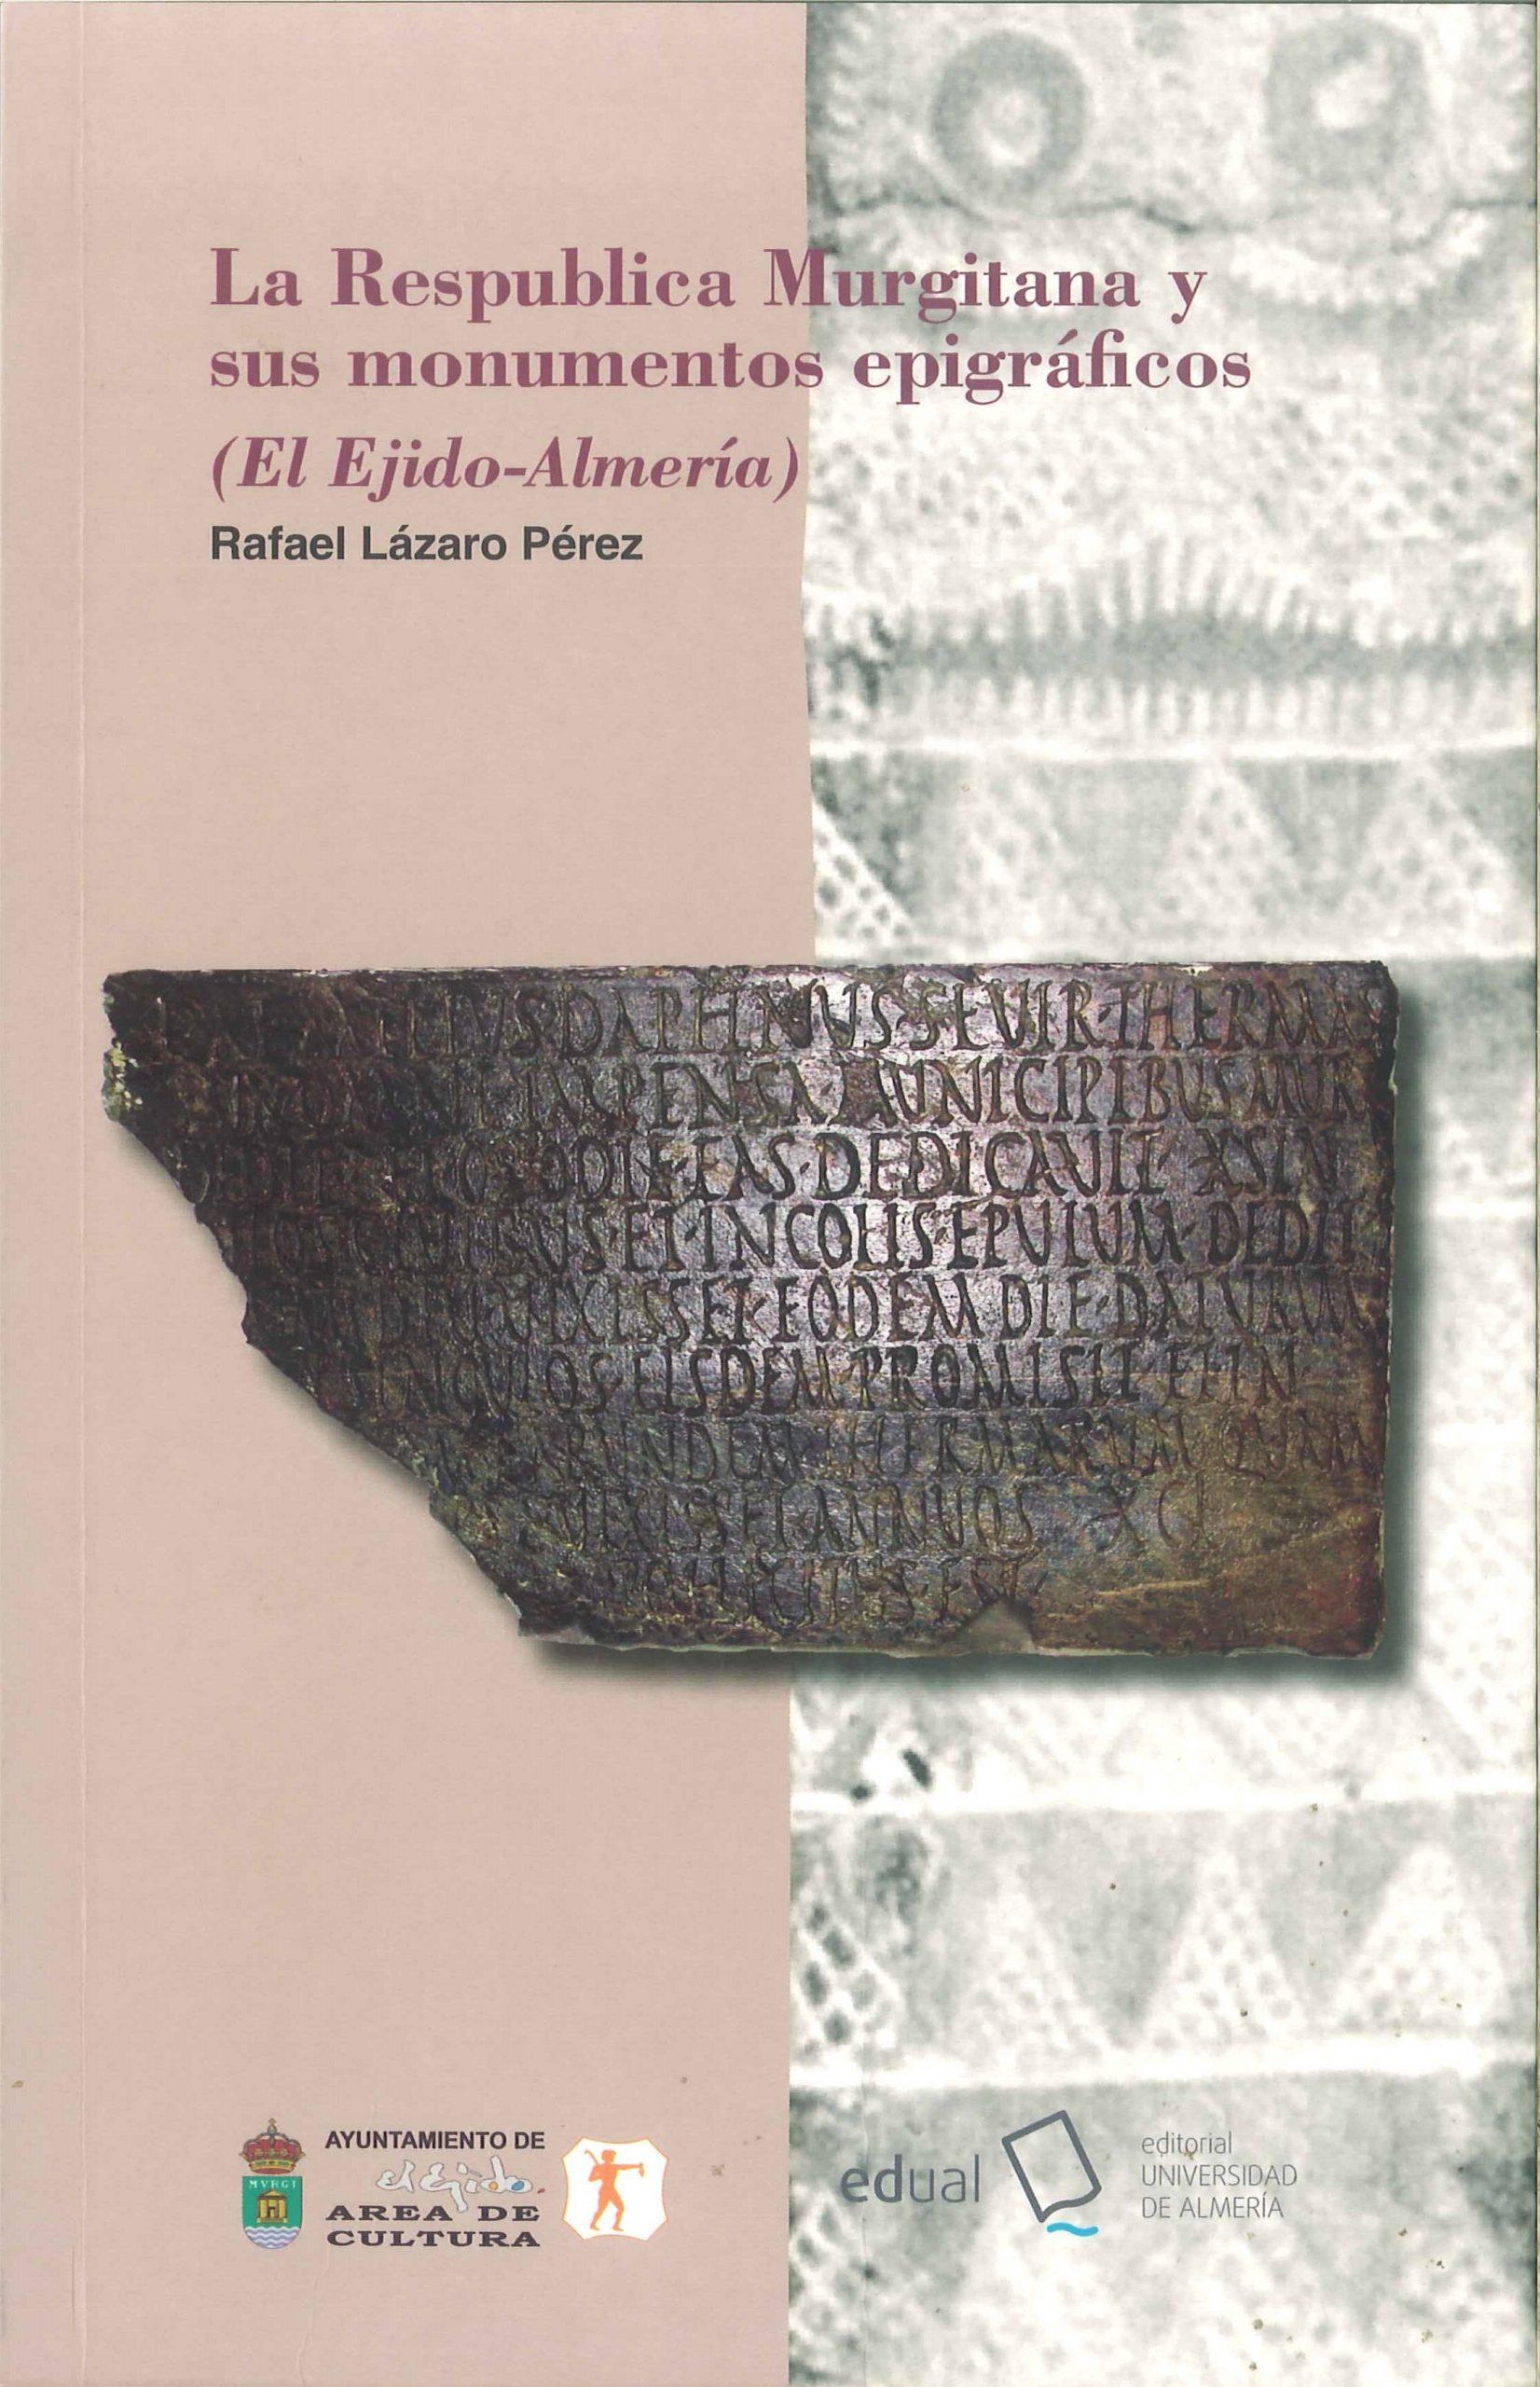 La Respublica Murgitana y sus monumentos epigráficos (El Ejido-Almería)